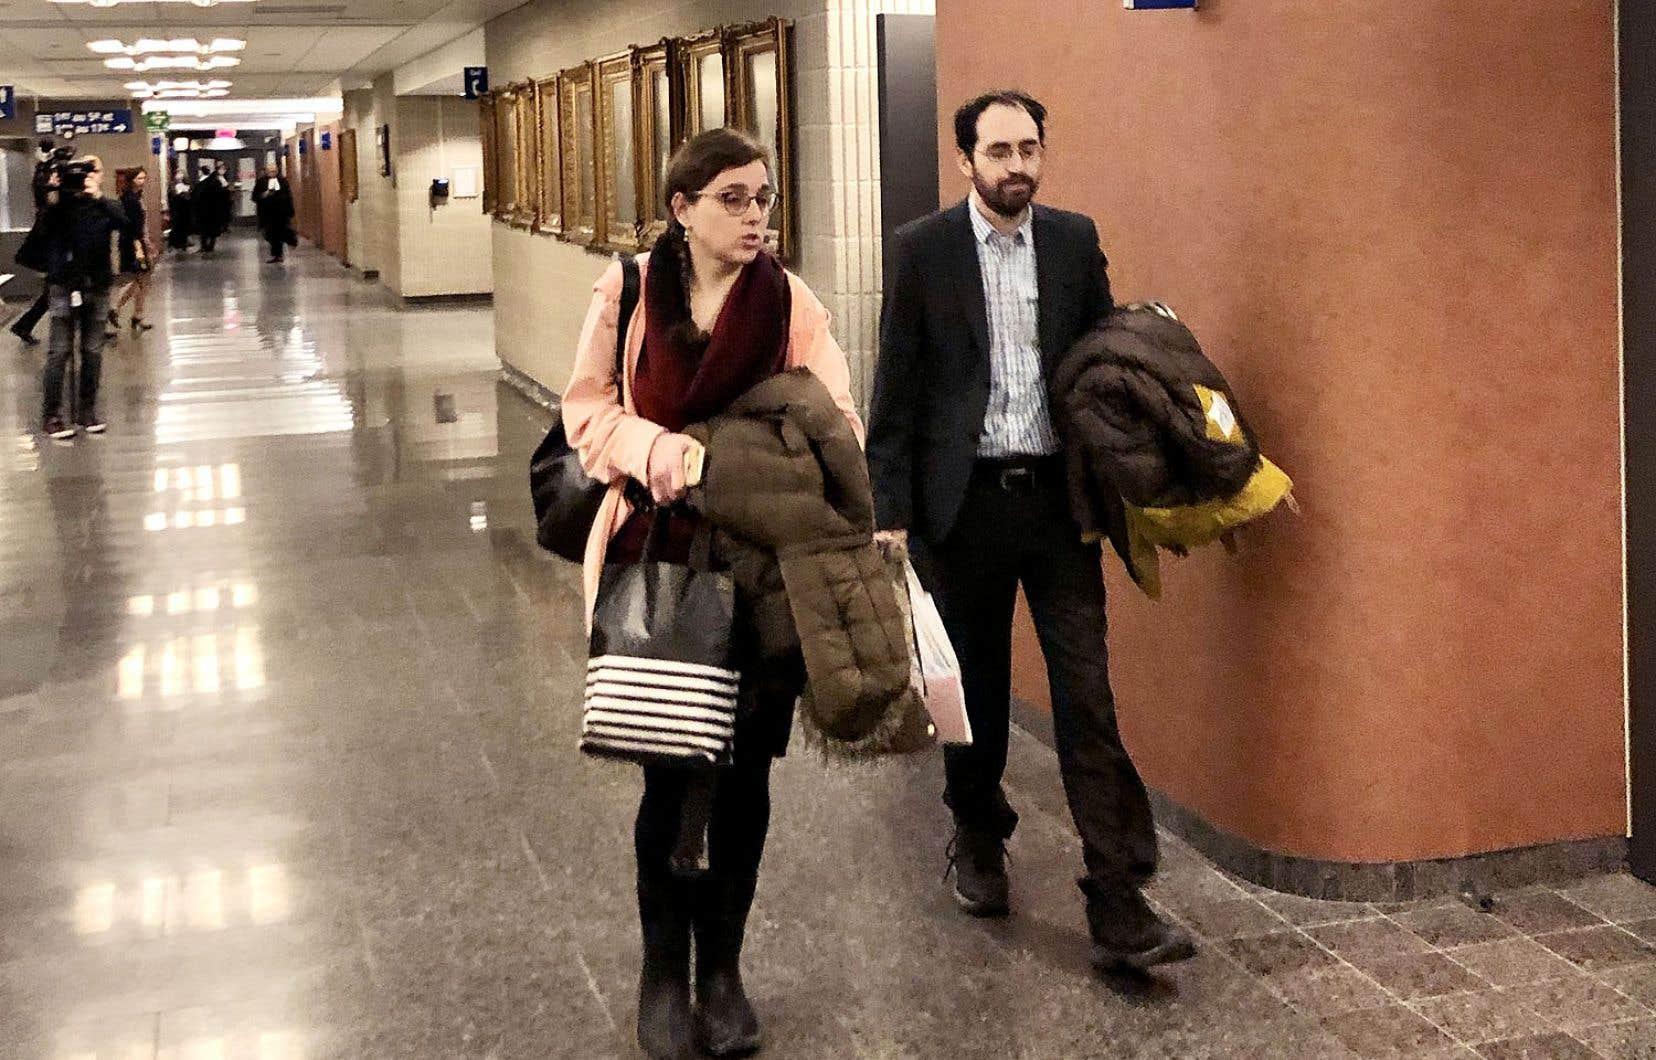 Clara Wasserstein et Yochonon Lowen reprochent au gouvernement du Québec de ne pas les avoir protégés en leur assurant une éducation adéquate.